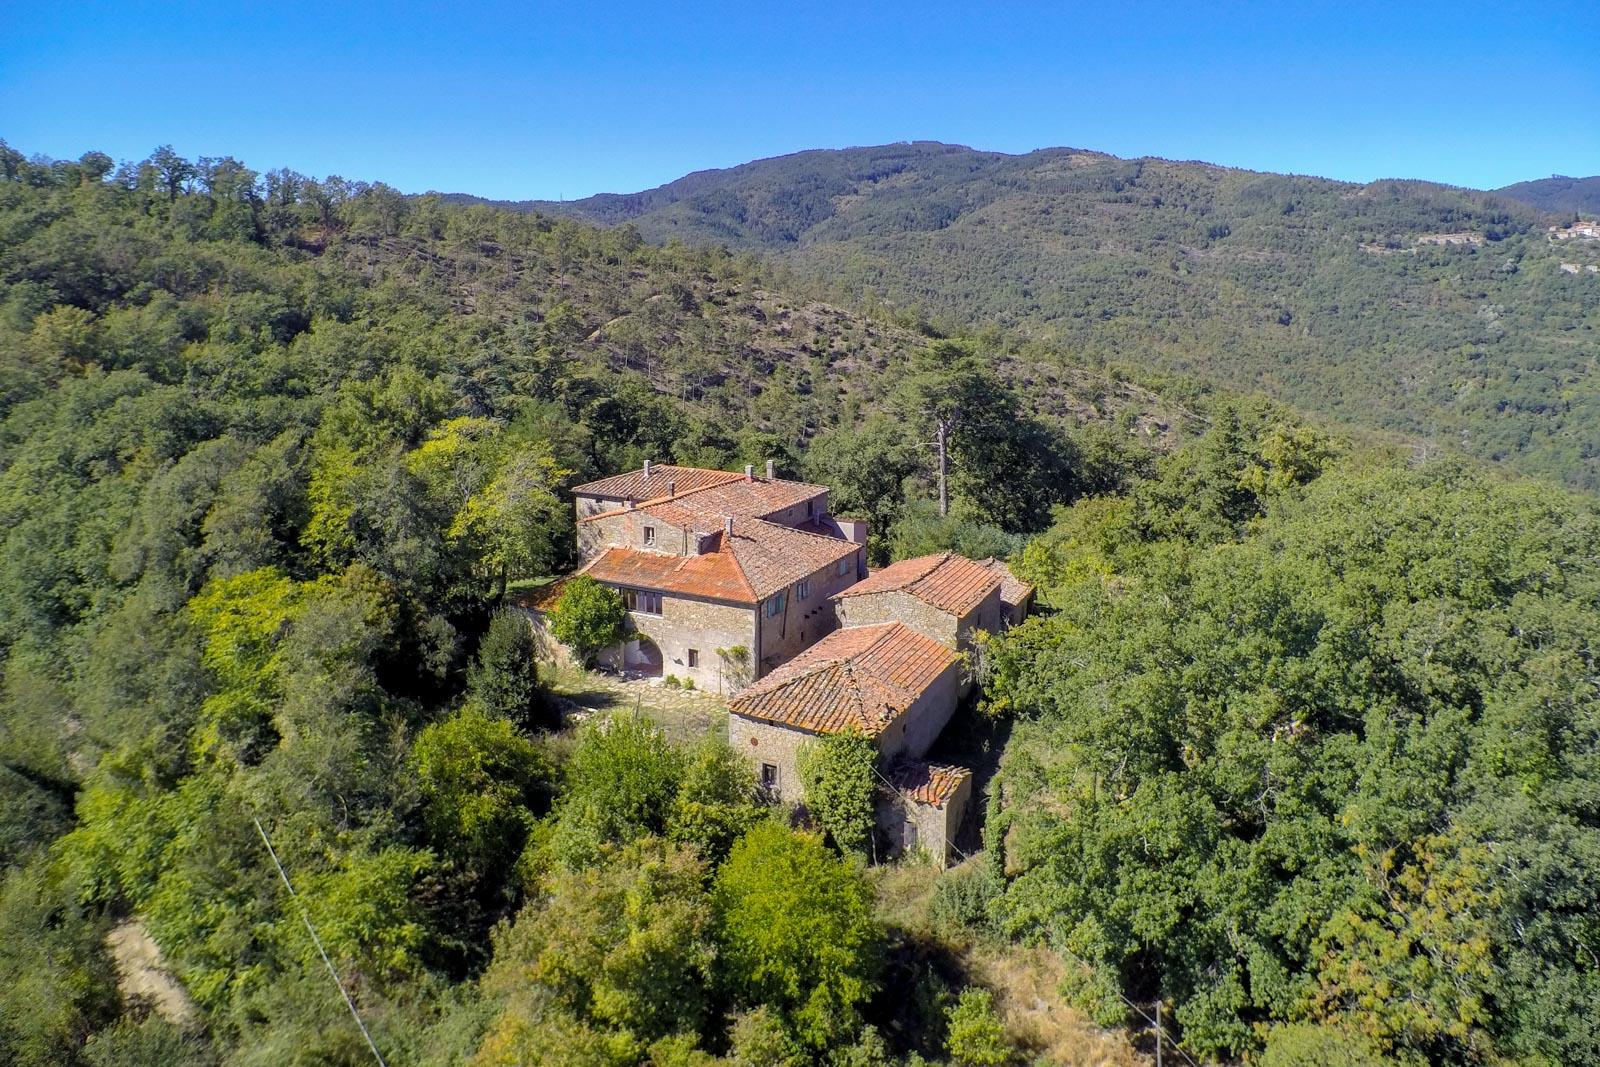 Casa Colonica con annessi e 12 ettari di bosco in un'area boschiva vicino ad Arezzo in Toscana